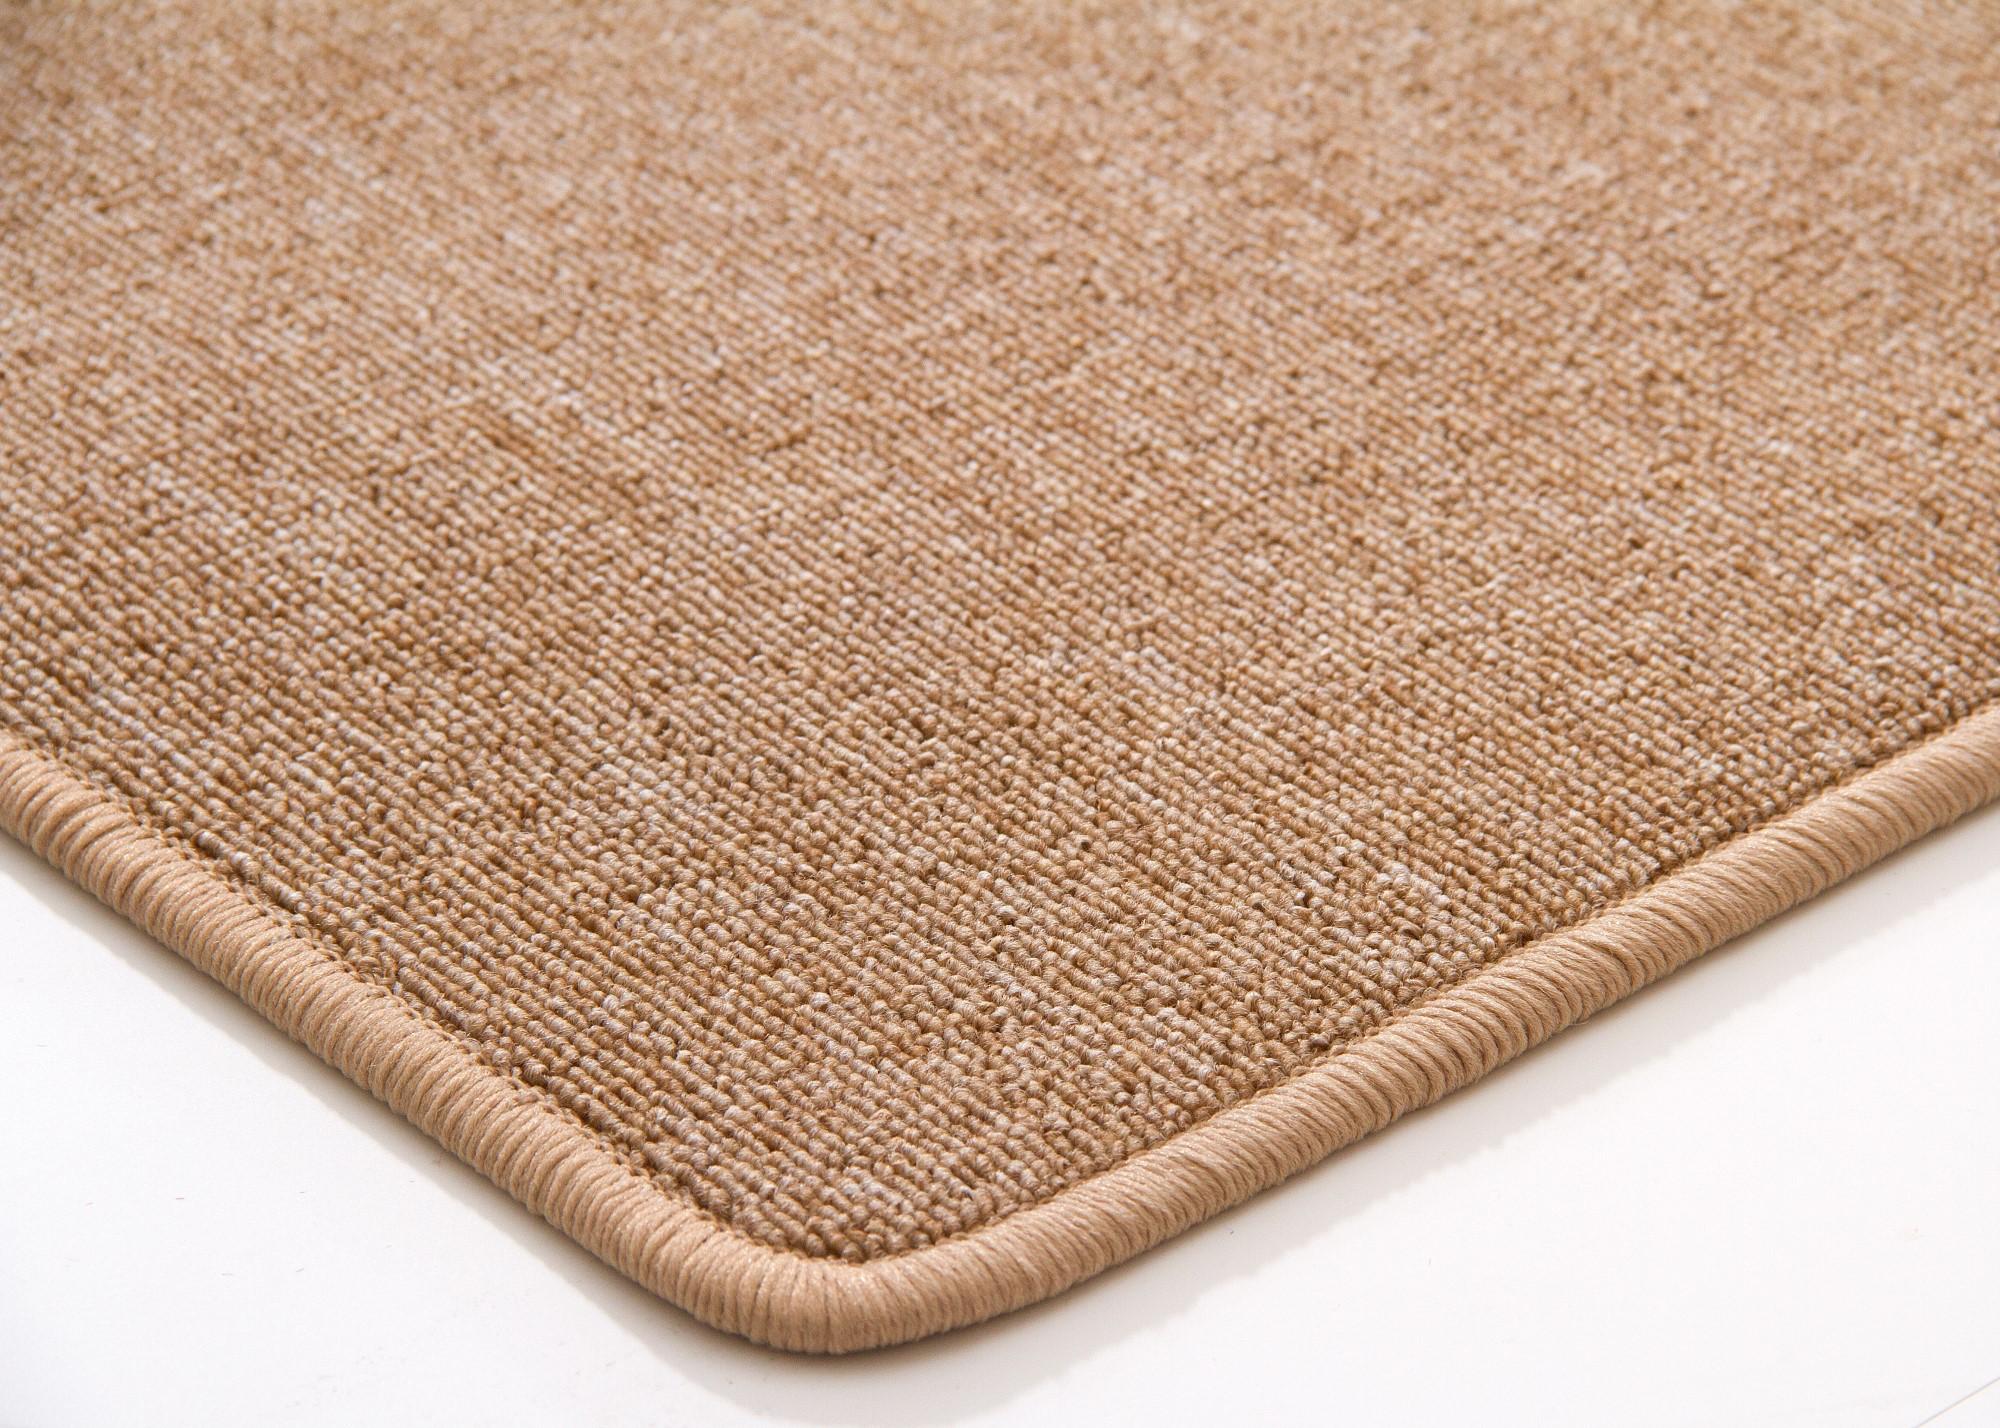 moderner wohnzimmer teppich meddon sehr pflegeleicht und strapazierf hig ebay. Black Bedroom Furniture Sets. Home Design Ideas